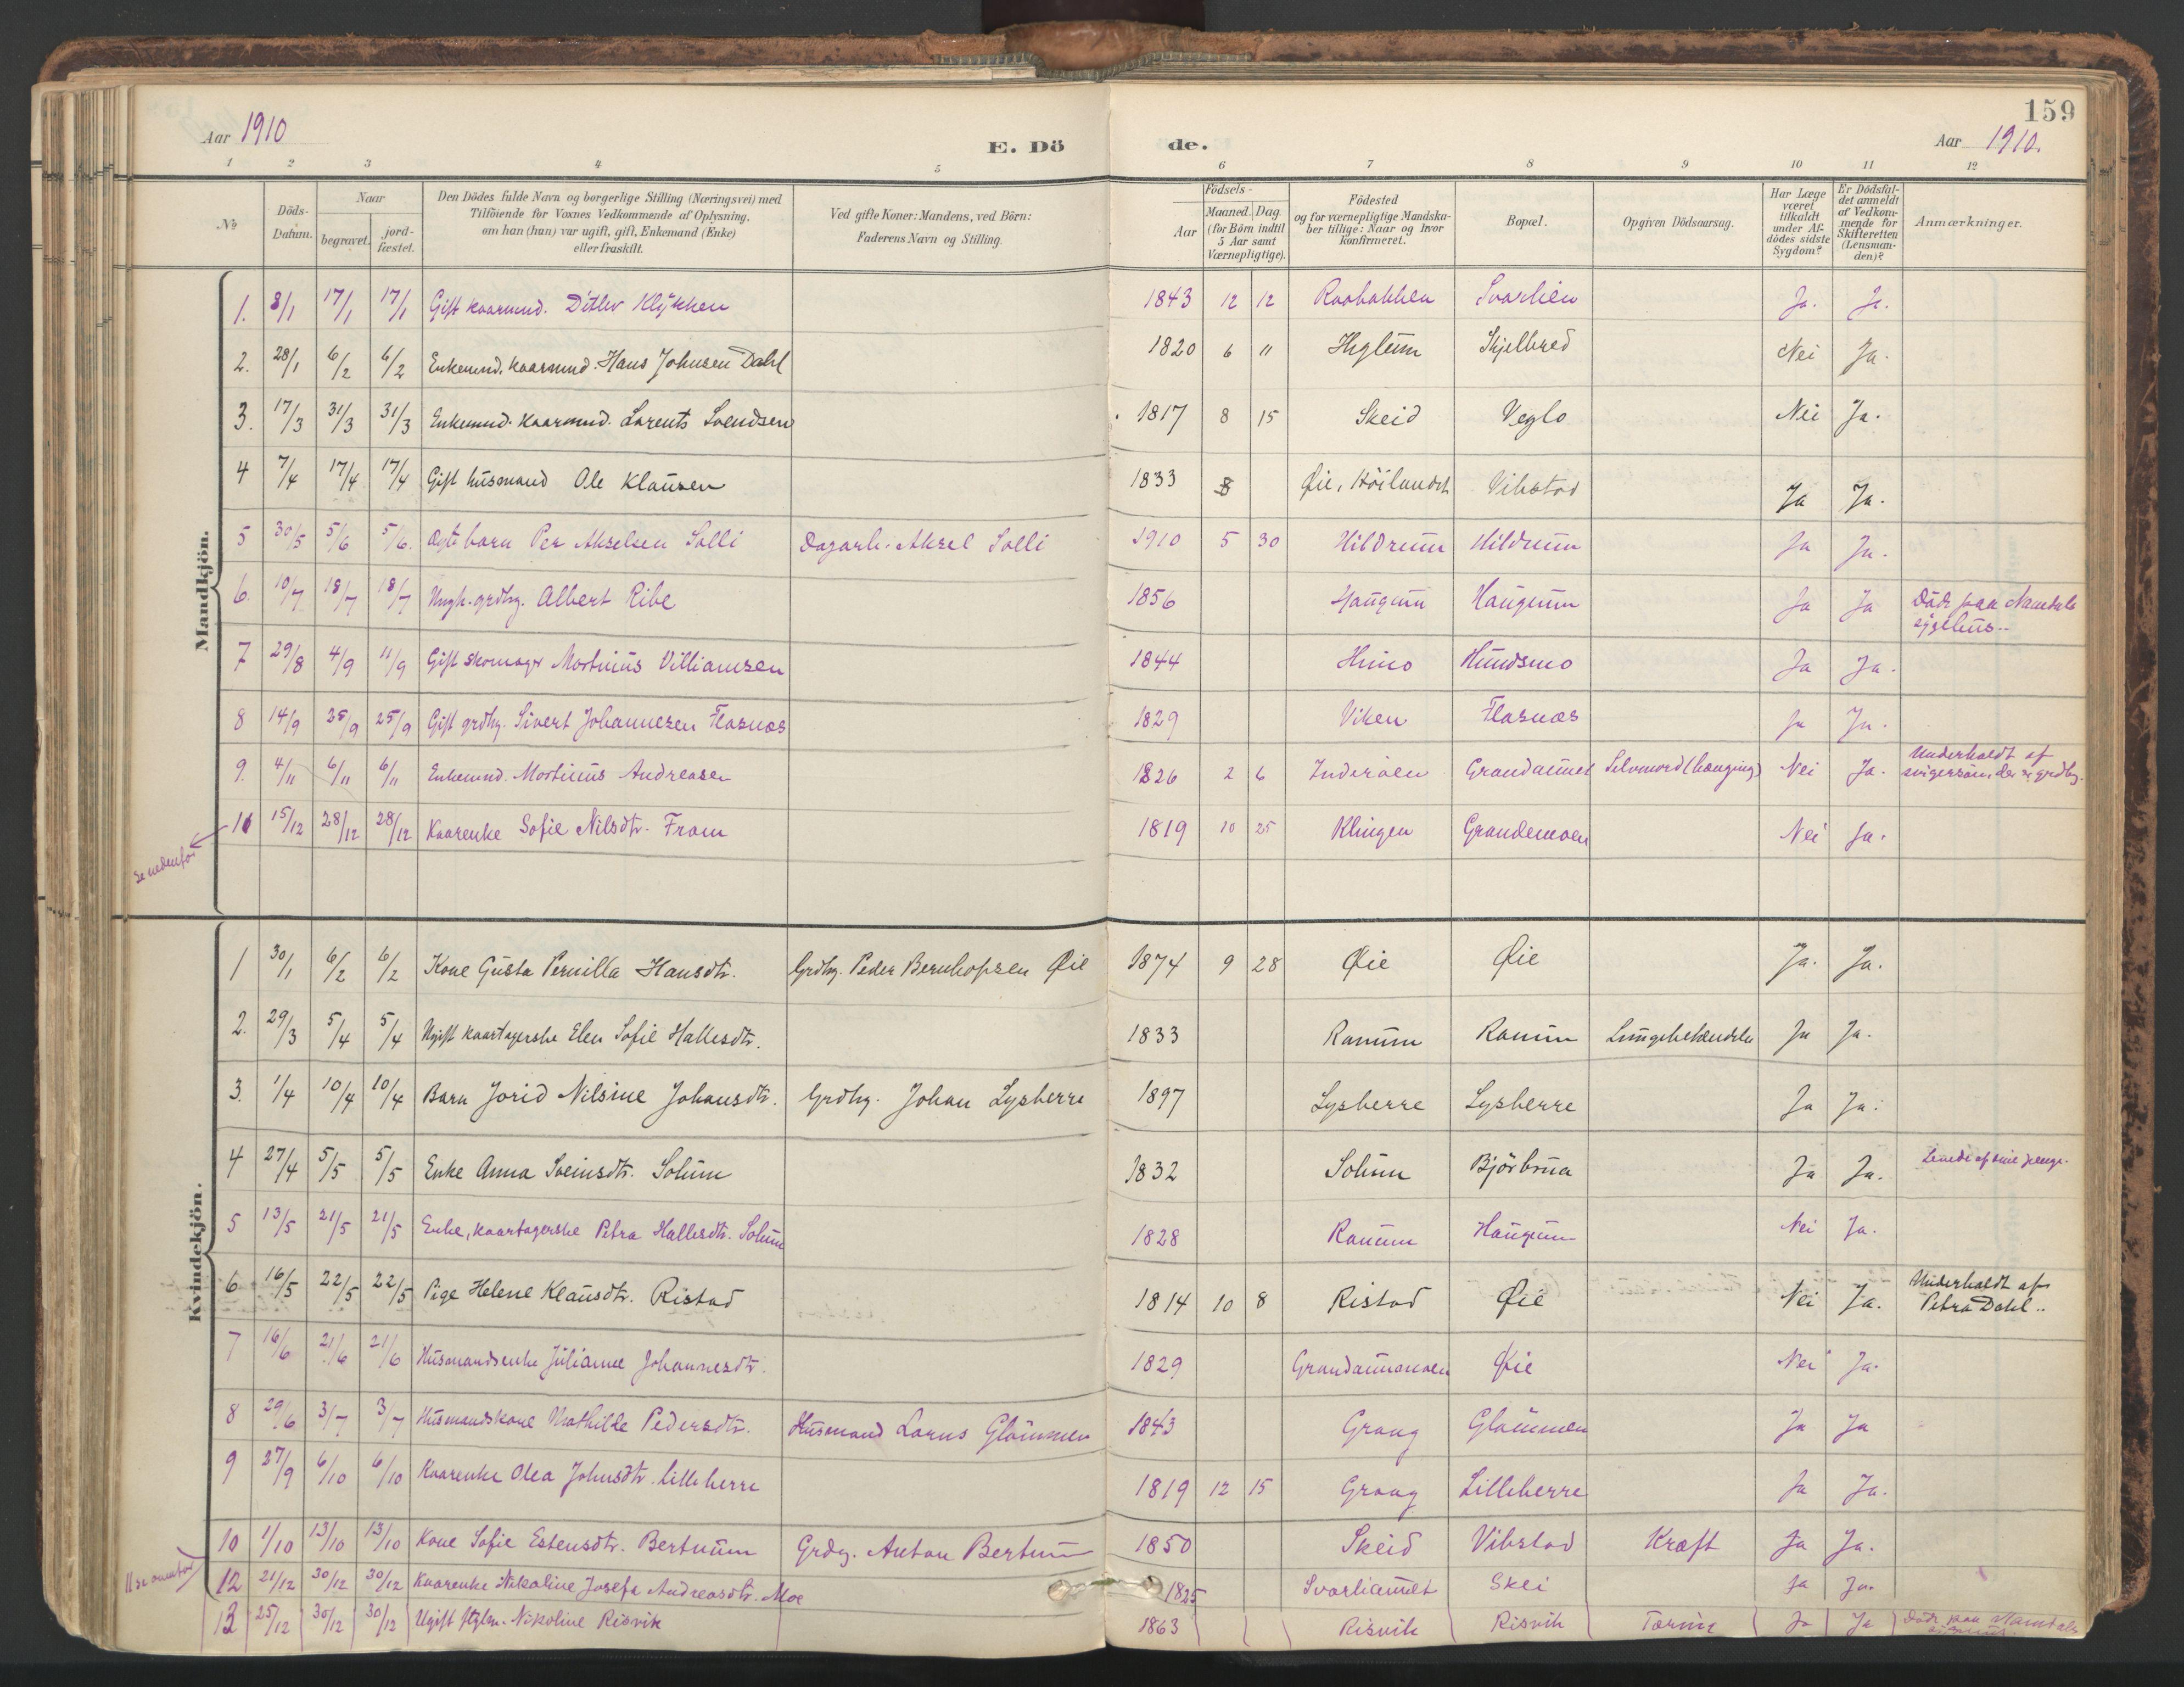 SAT, Ministerialprotokoller, klokkerbøker og fødselsregistre - Nord-Trøndelag, 764/L0556: Ministerialbok nr. 764A11, 1897-1924, s. 159